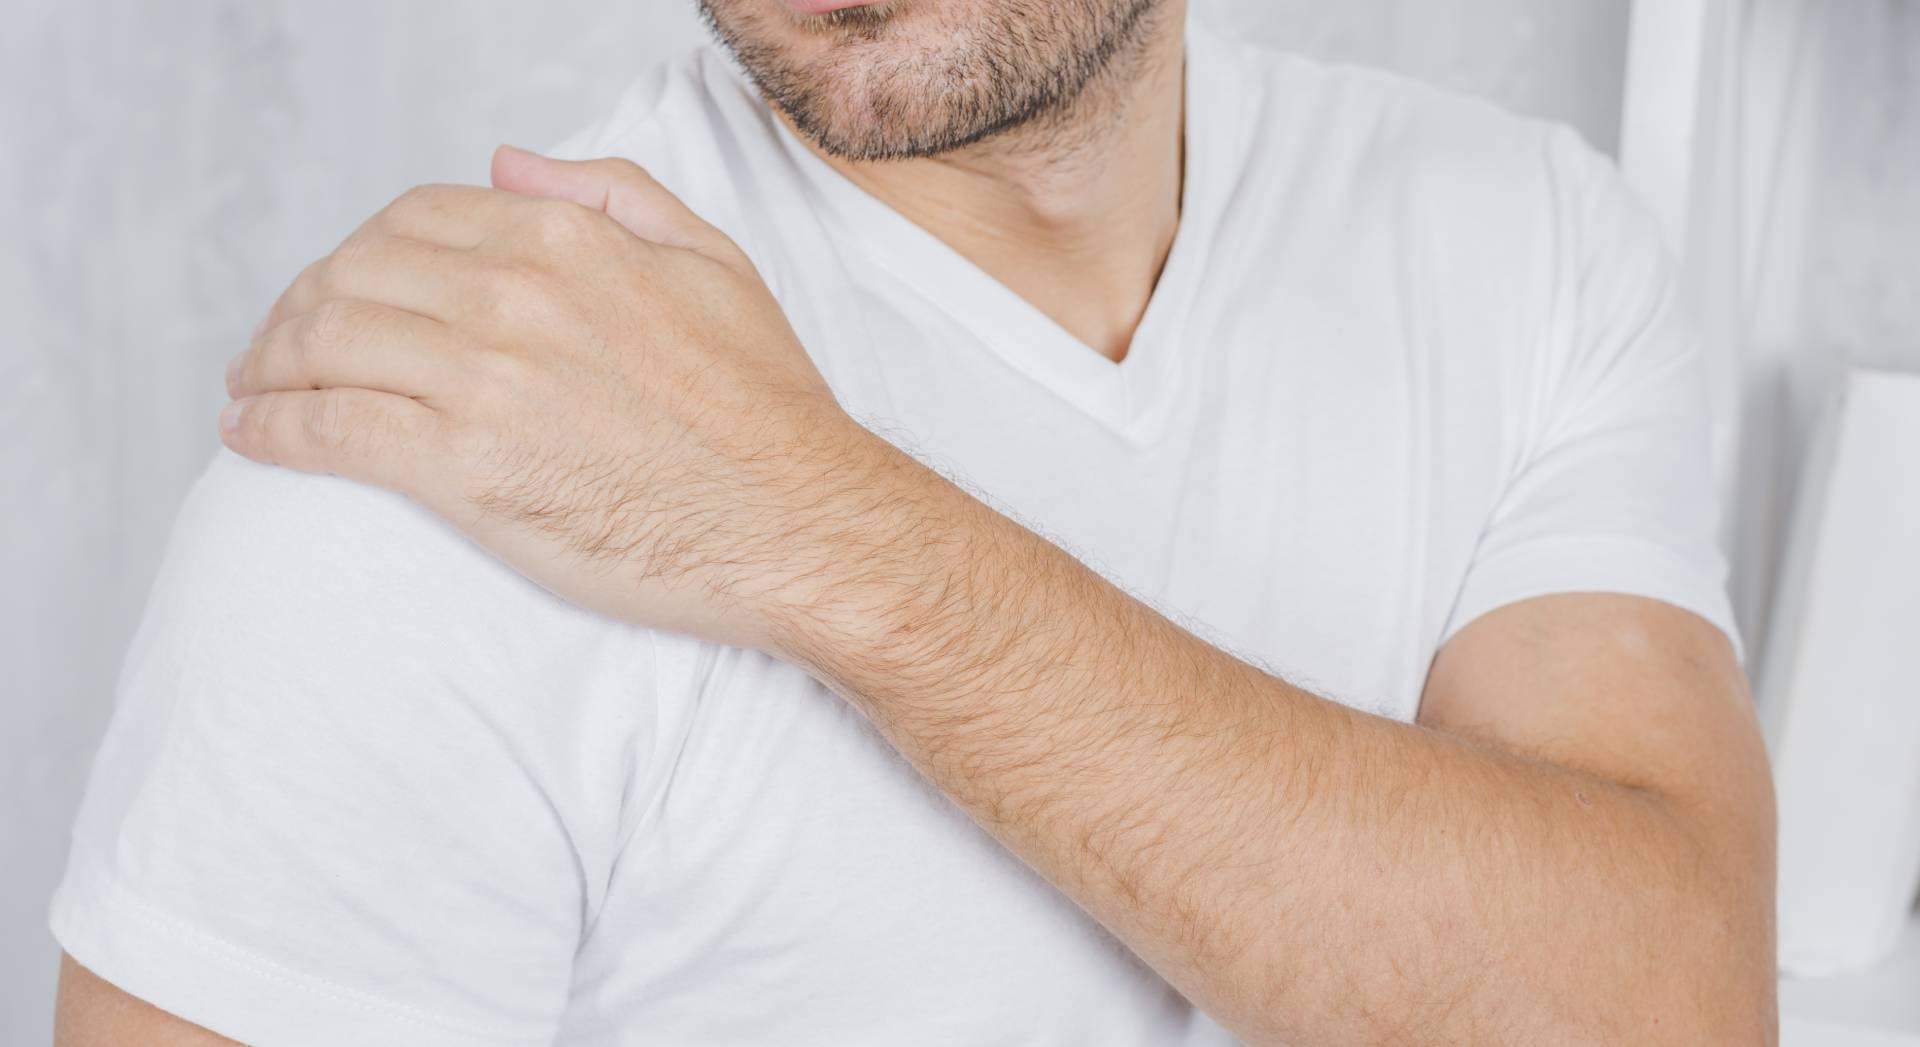 Un paziente soffre di dolori alla spalla che potrebbe curare con sedute di tecarterapia